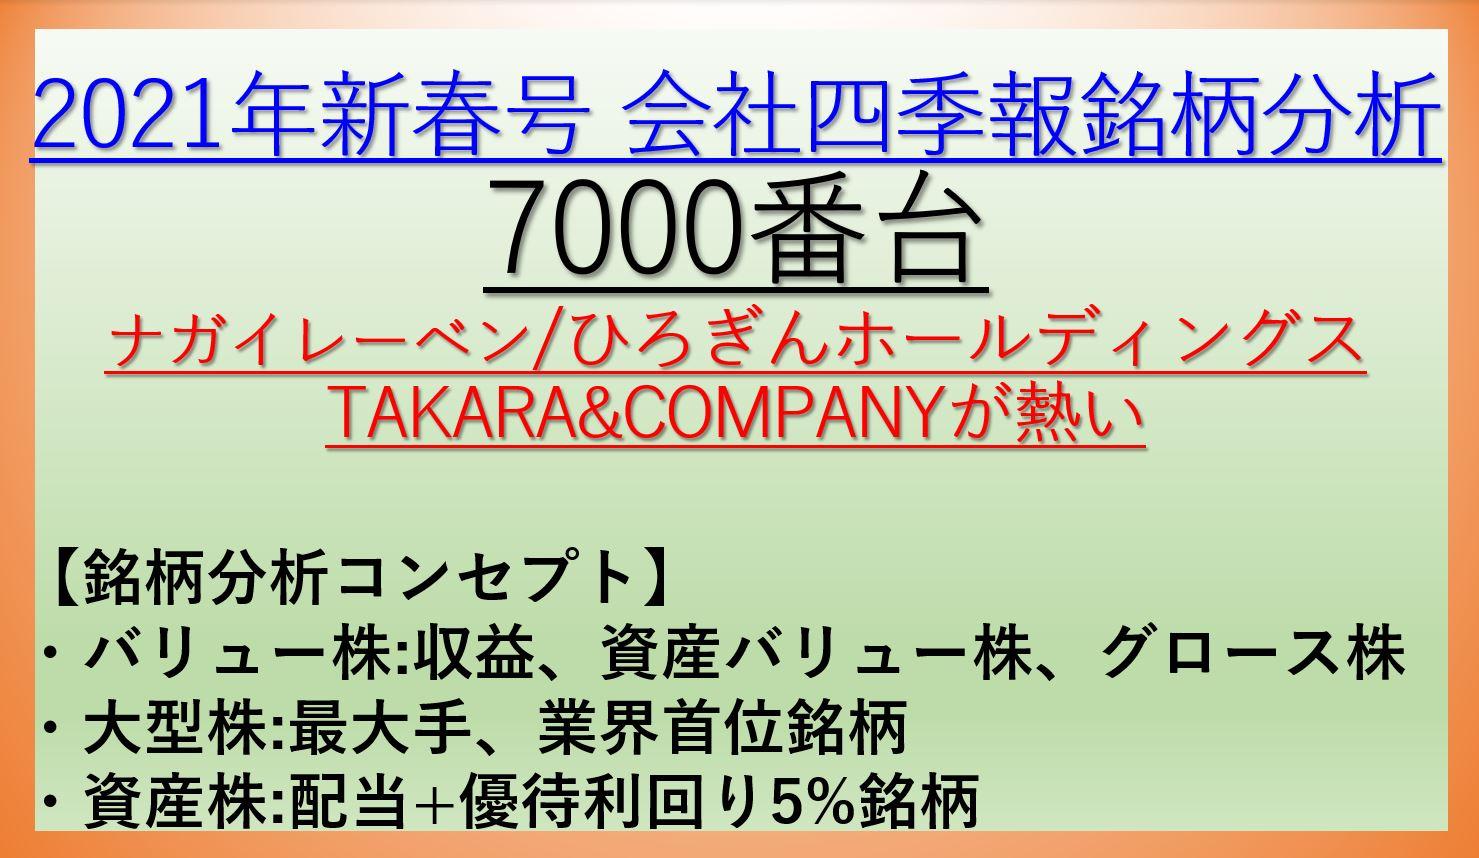 2021年新春号-会社四季報銘柄分析-7000番台